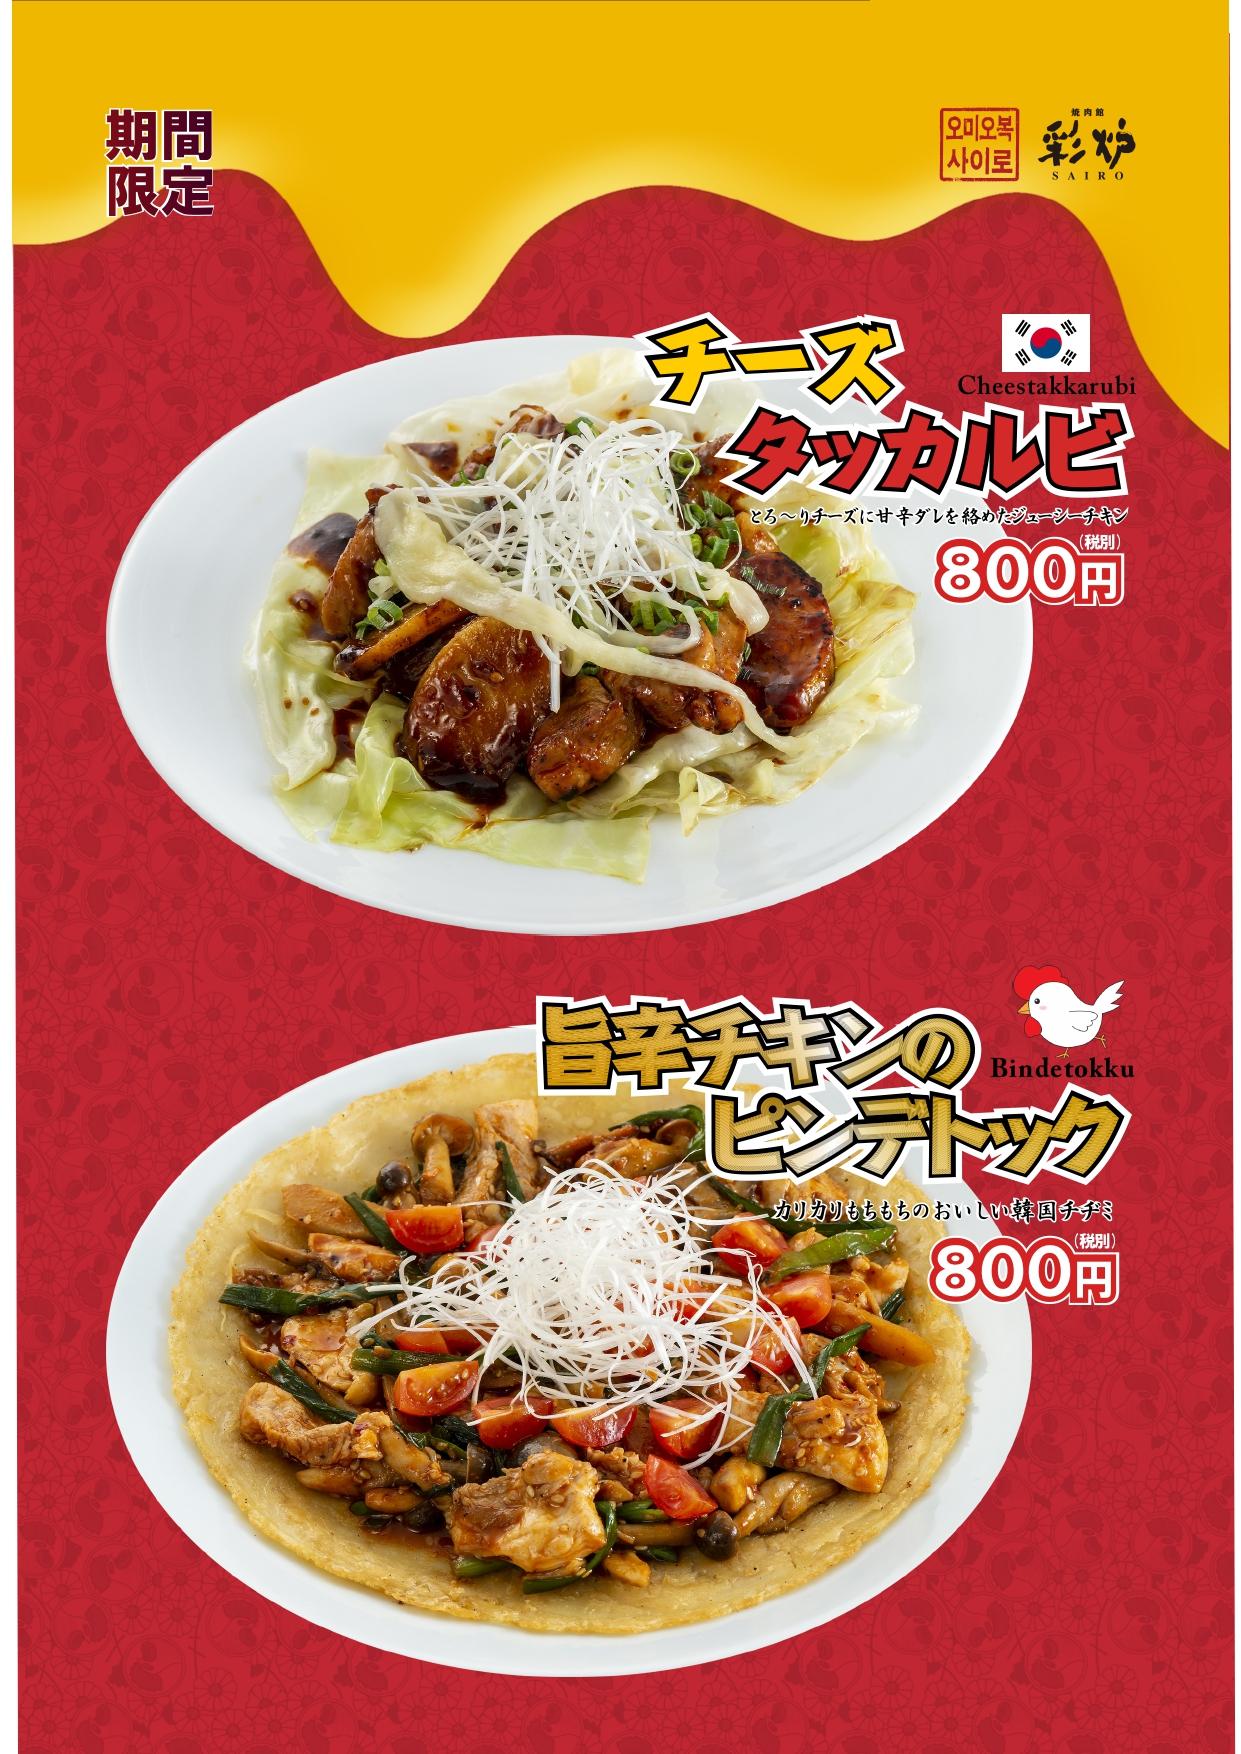 チーズタッカルビ&旨辛チキンのビンデトック_pages-to-jpg-0001